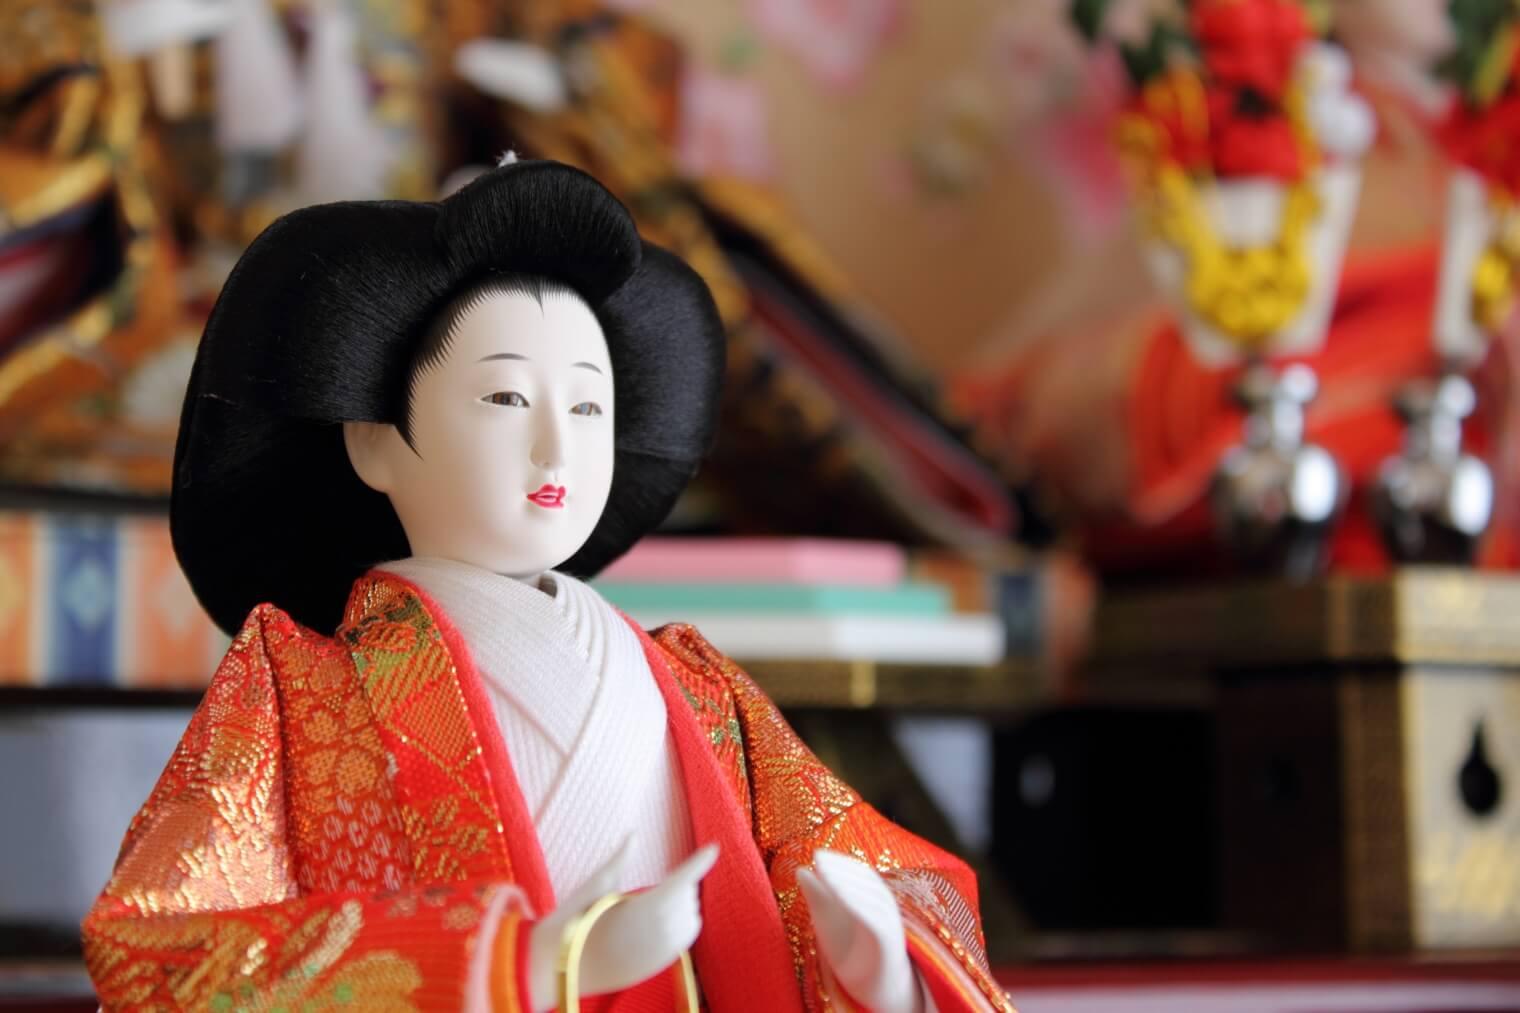 市松人形や日本人形の髪のお手入れ方法や保管方法をご説明します